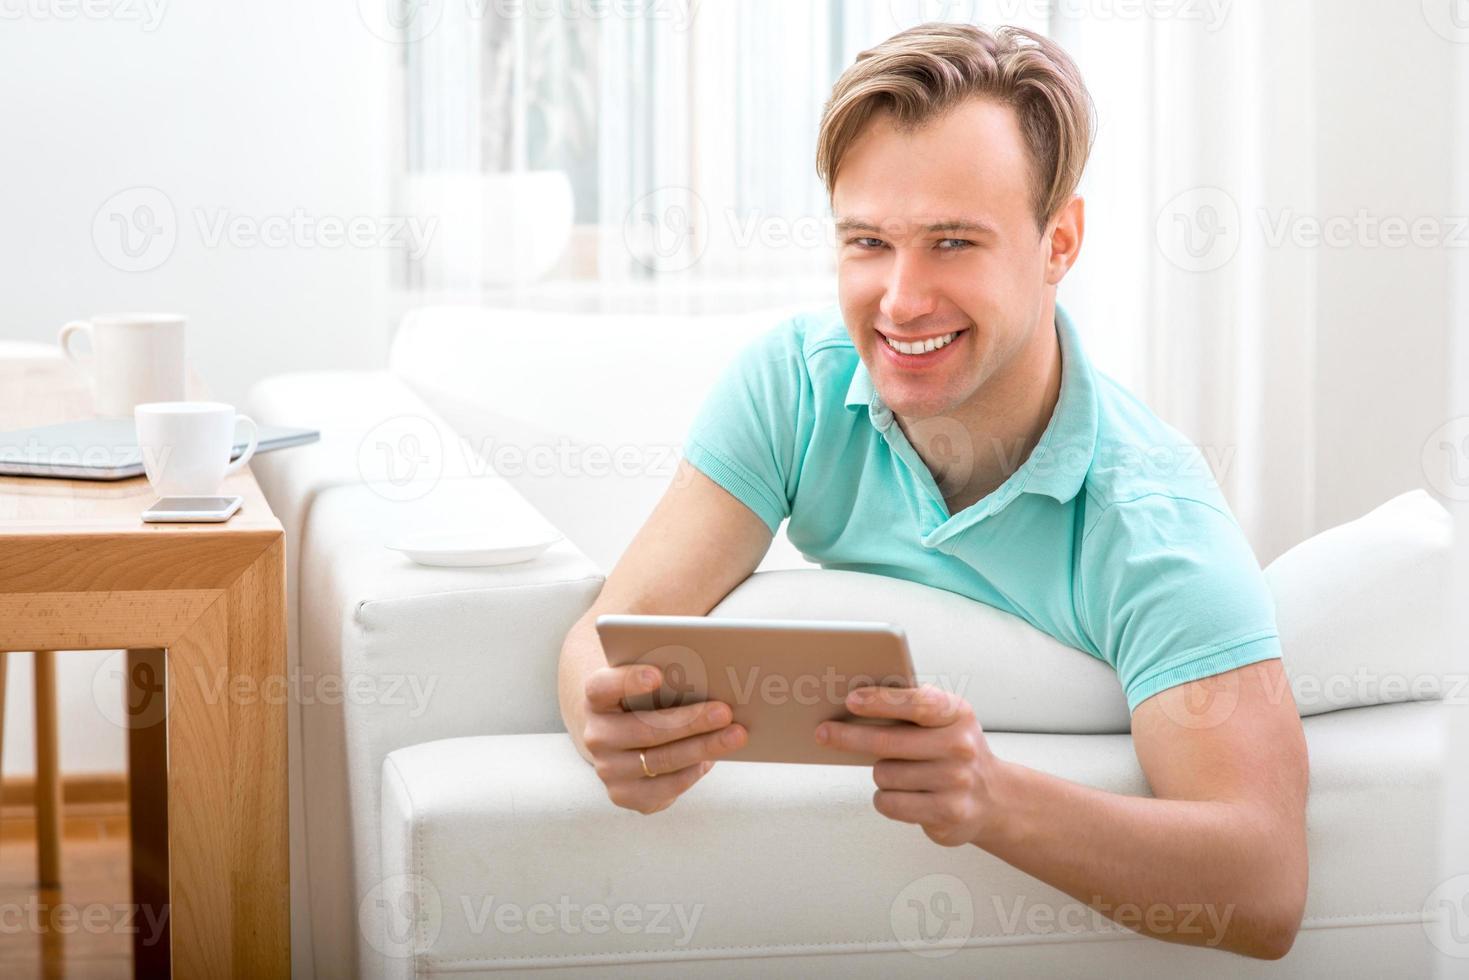 Mann mit Gerät zu Hause sitzen foto